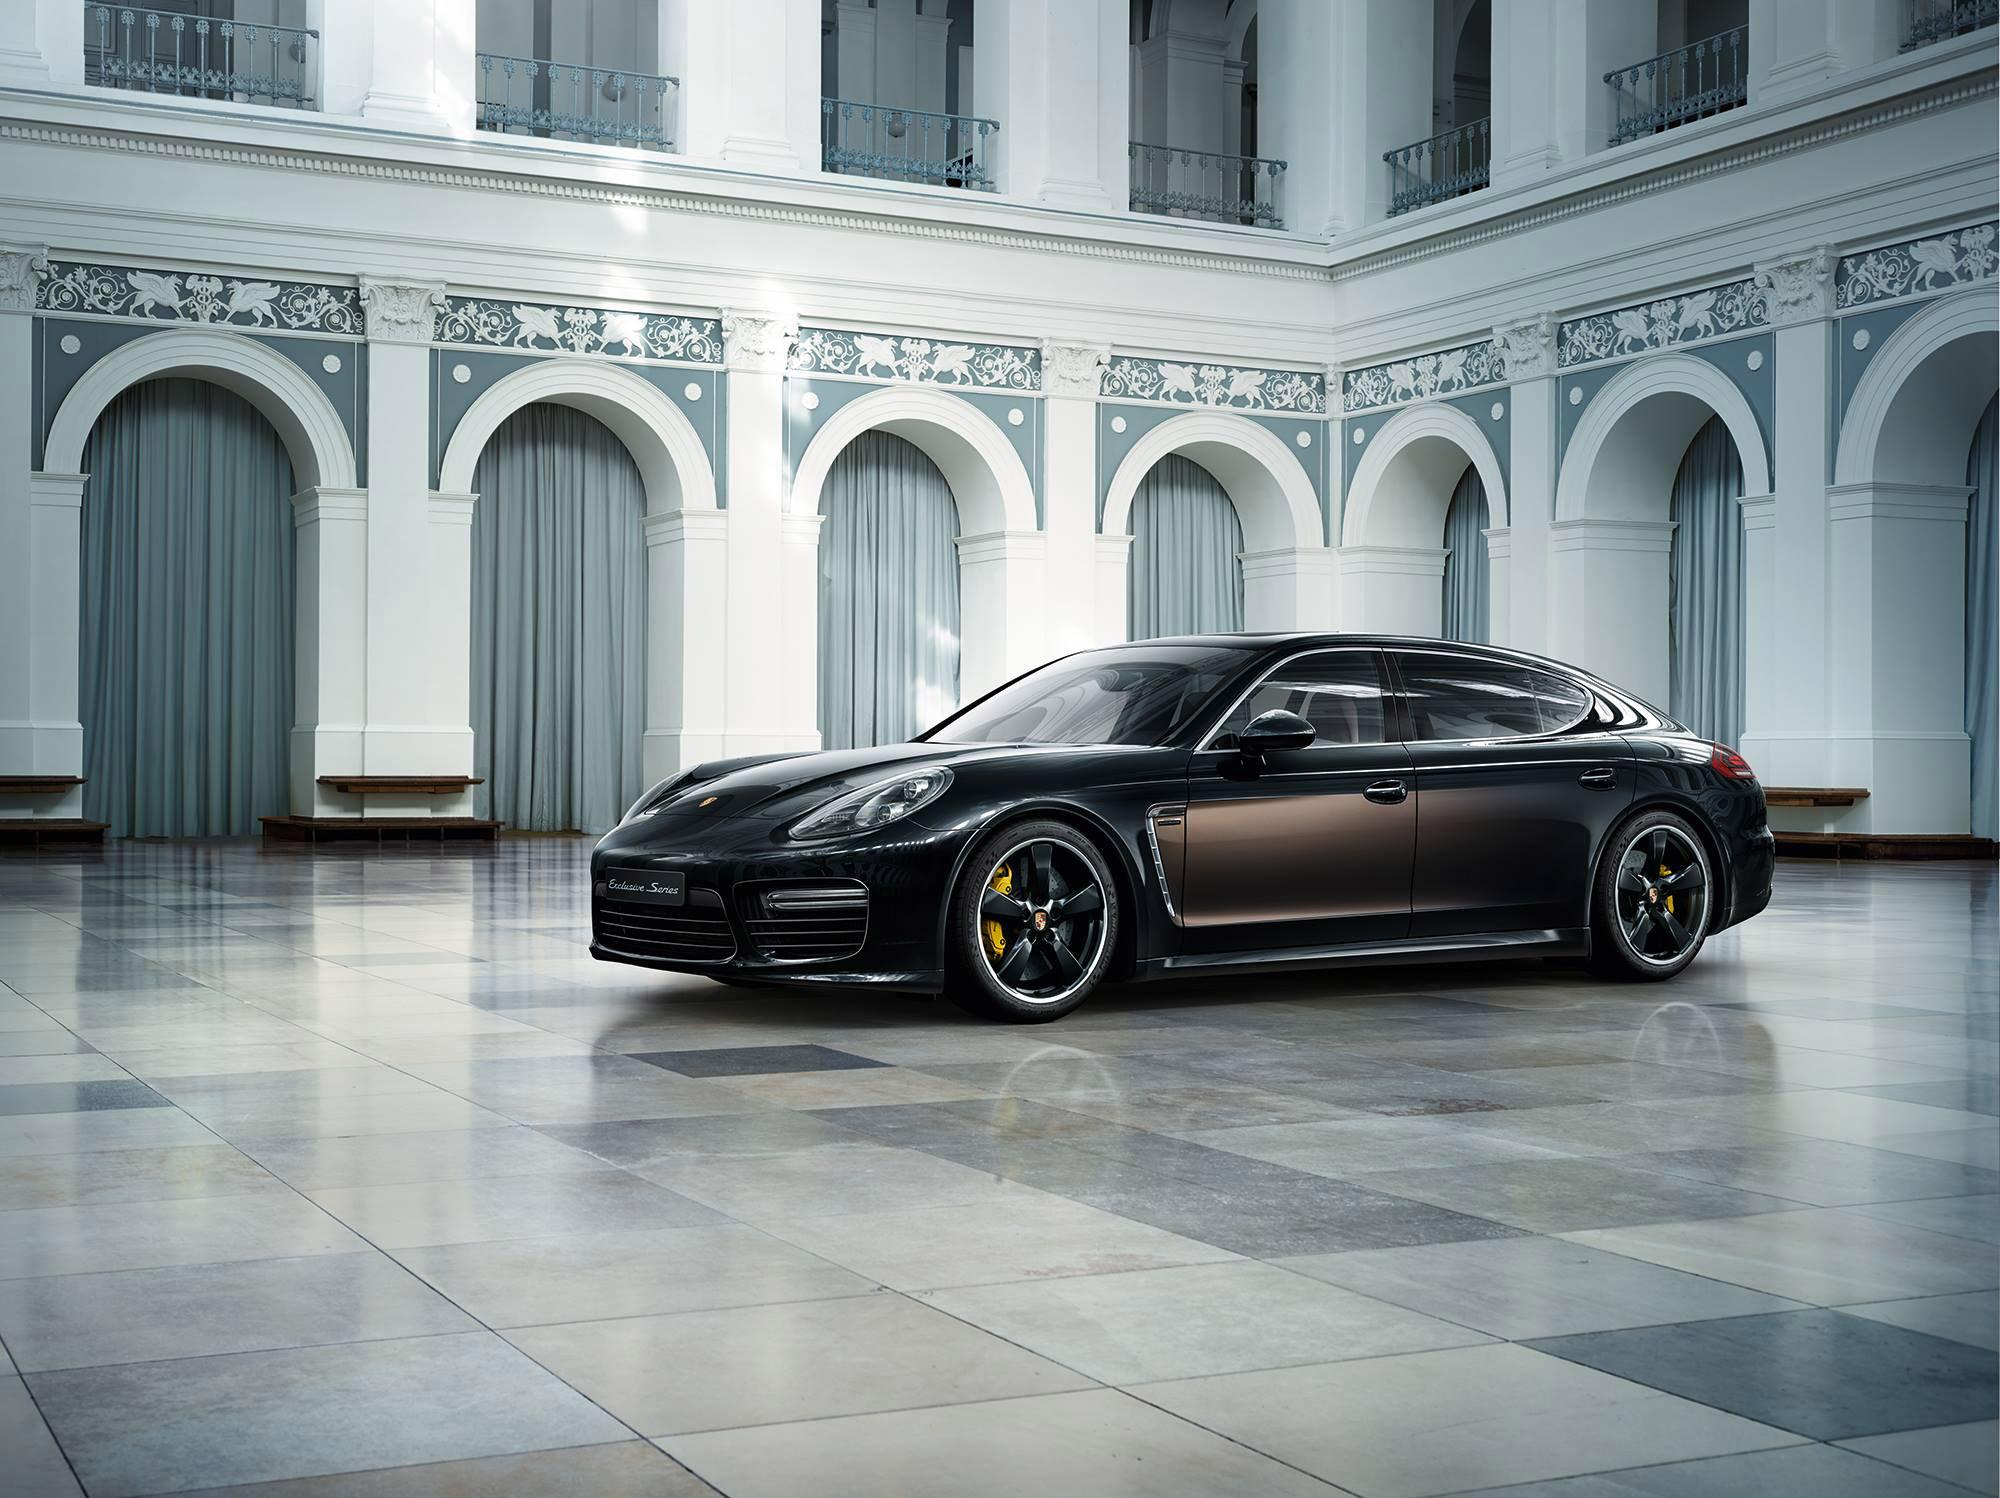 Porsche Macan Gts >> Porsche Panamera Turbo S Executive Exclusive Series ...